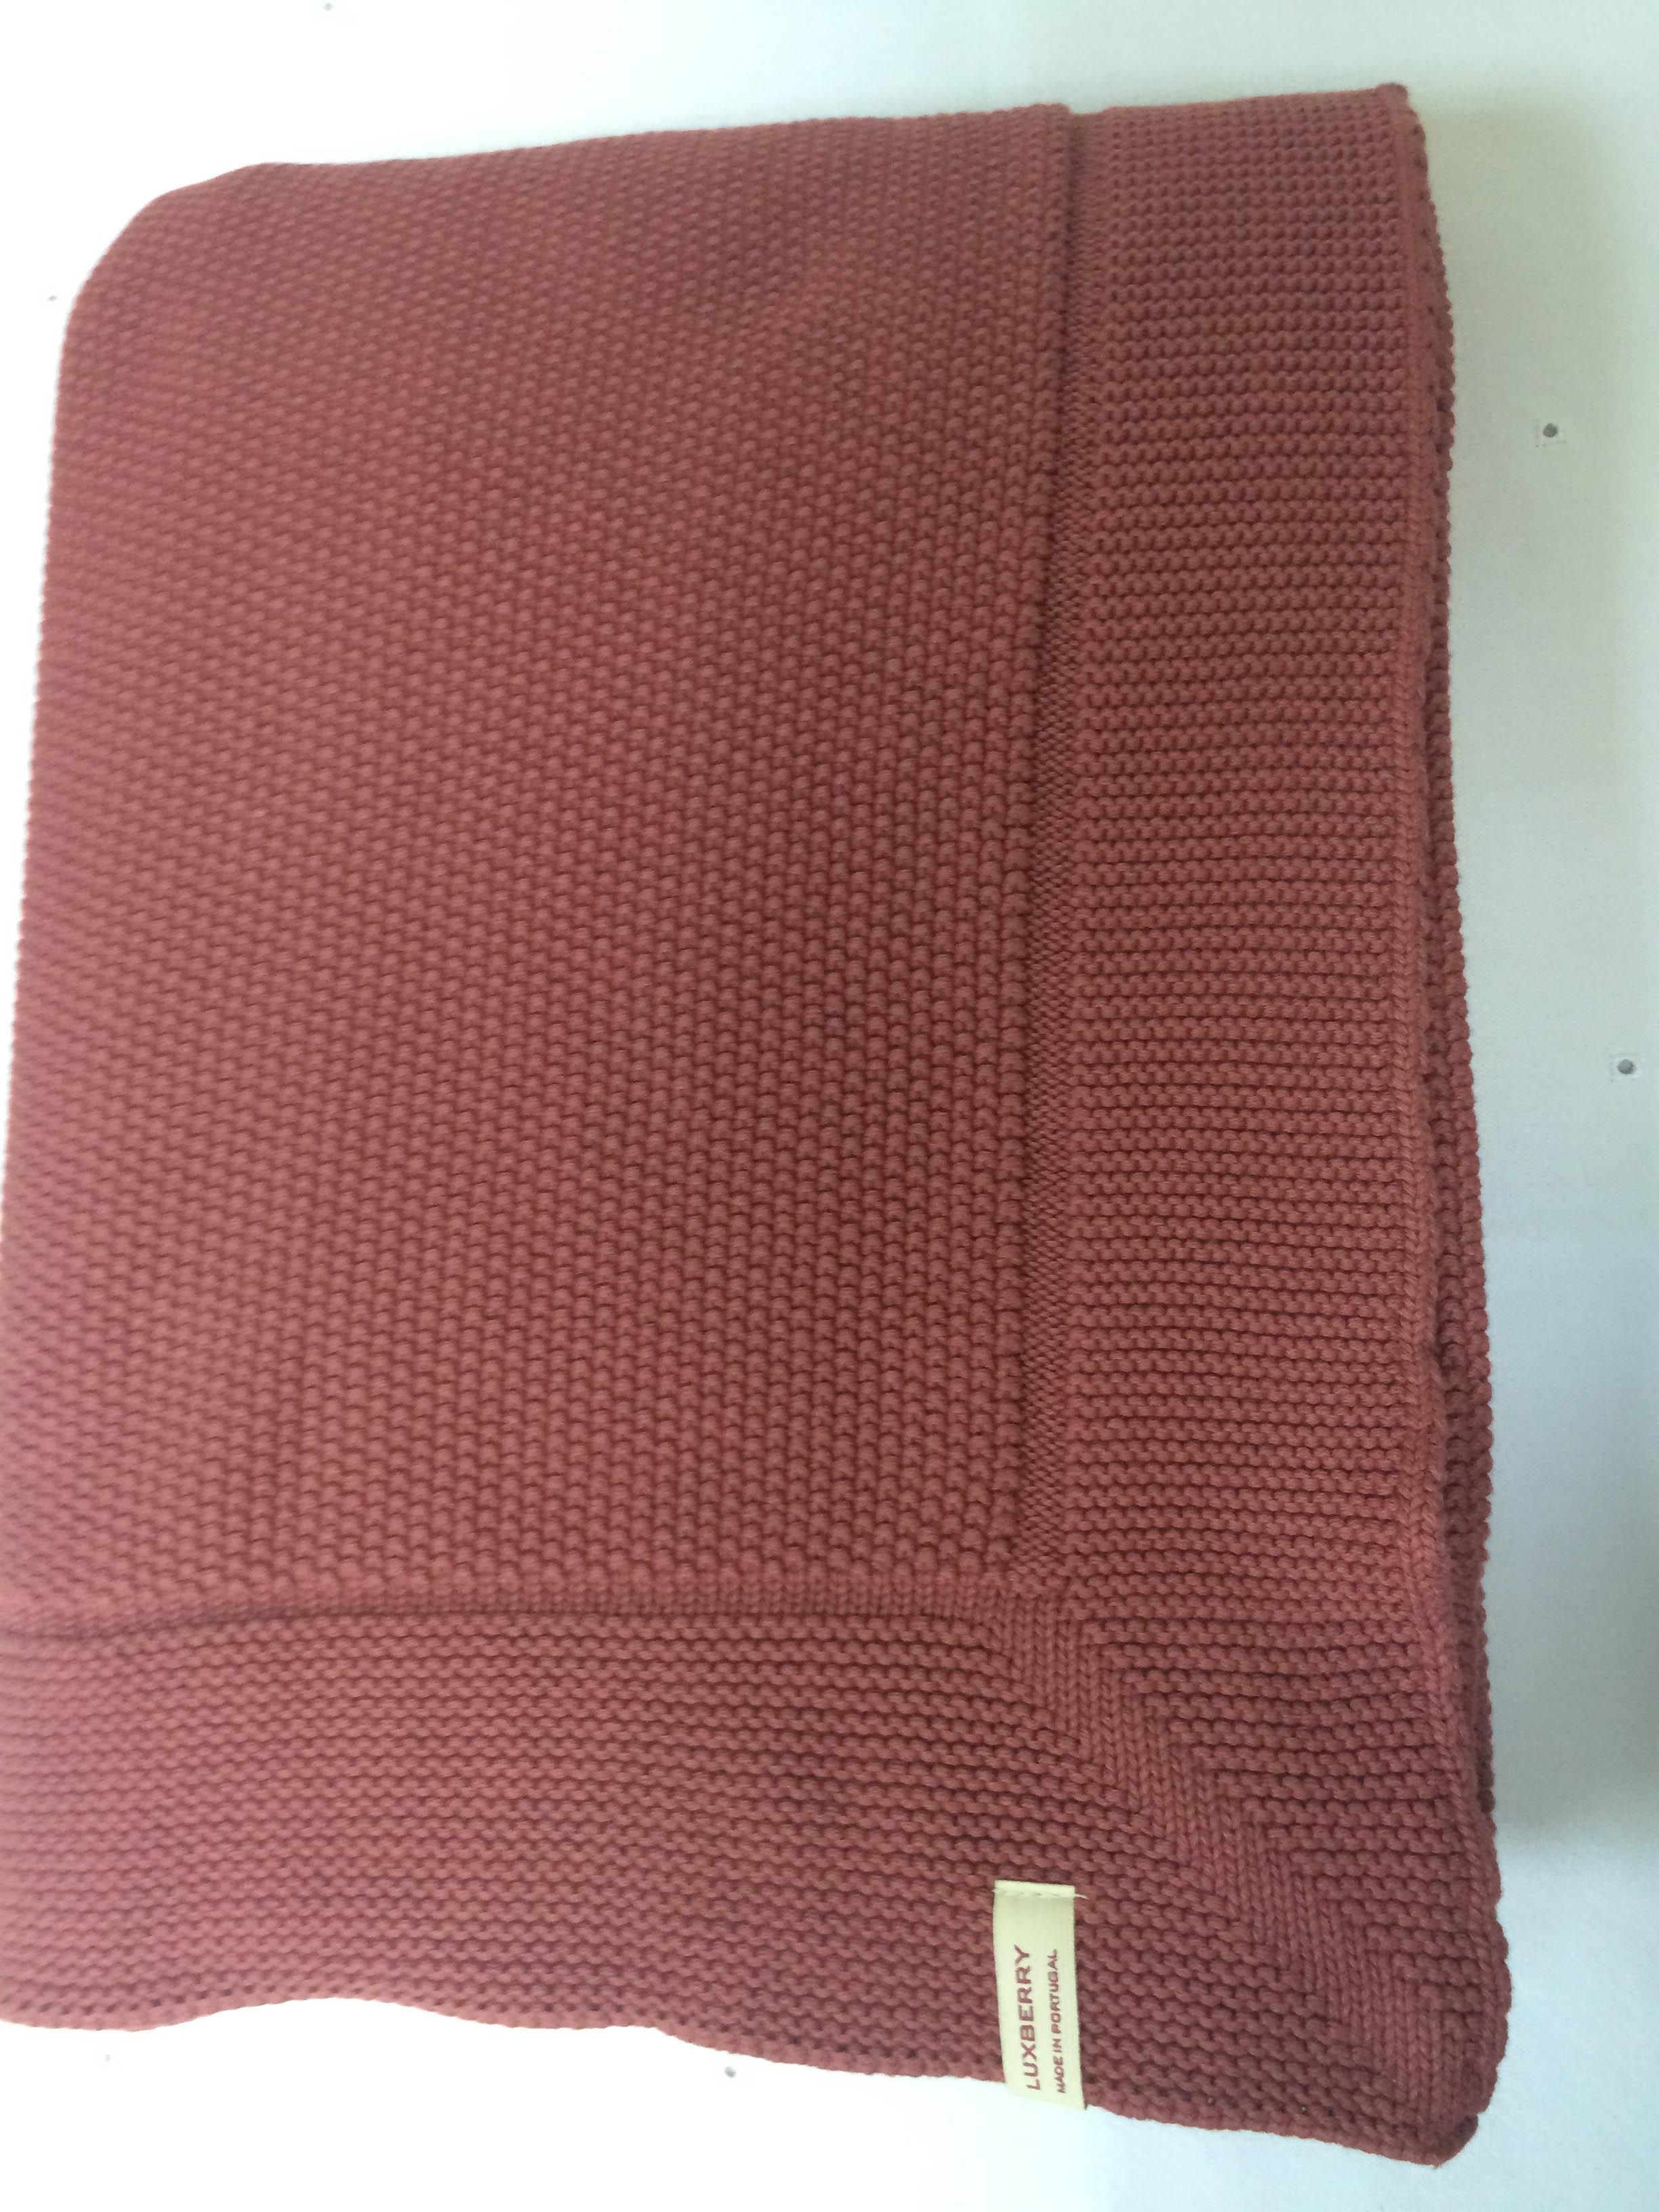 Плед Luxberry Плед Lux42 Цвет: Терракотовый                                                                                                                      (150х200 см) плед luxberry lux 42 150х200 см